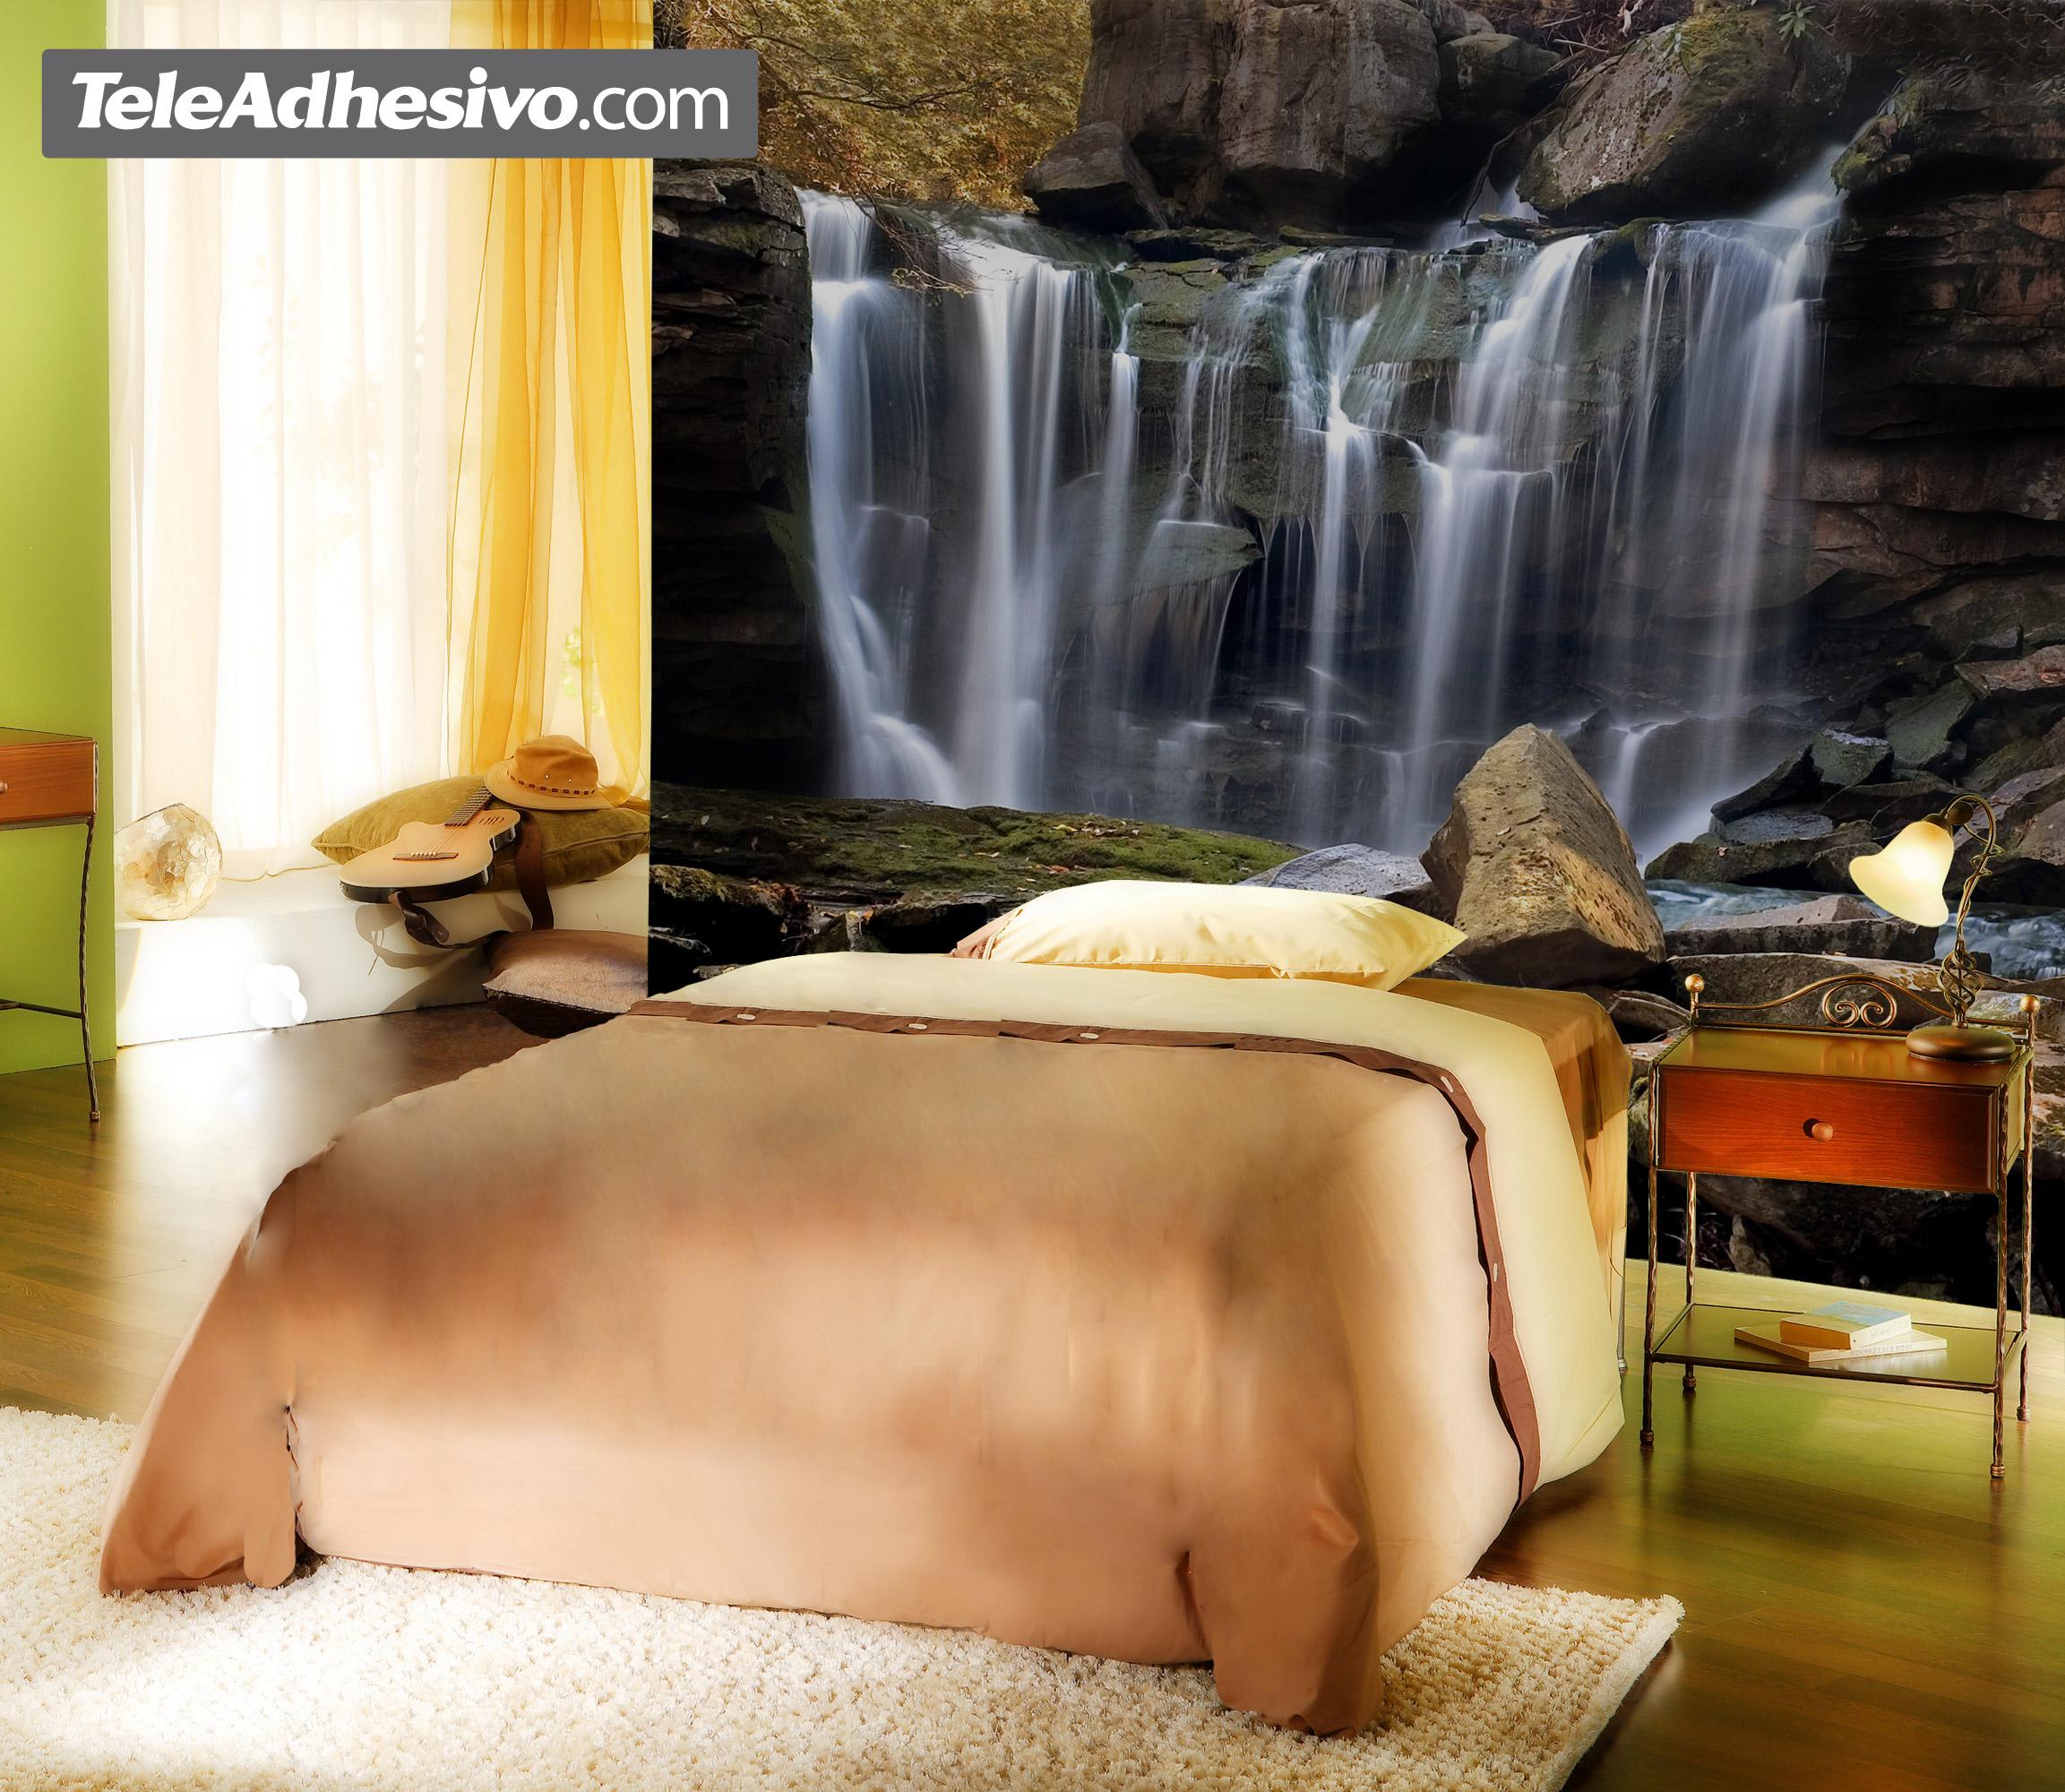 La cascada de las rocas for Murales vinilo para paredes paisajes